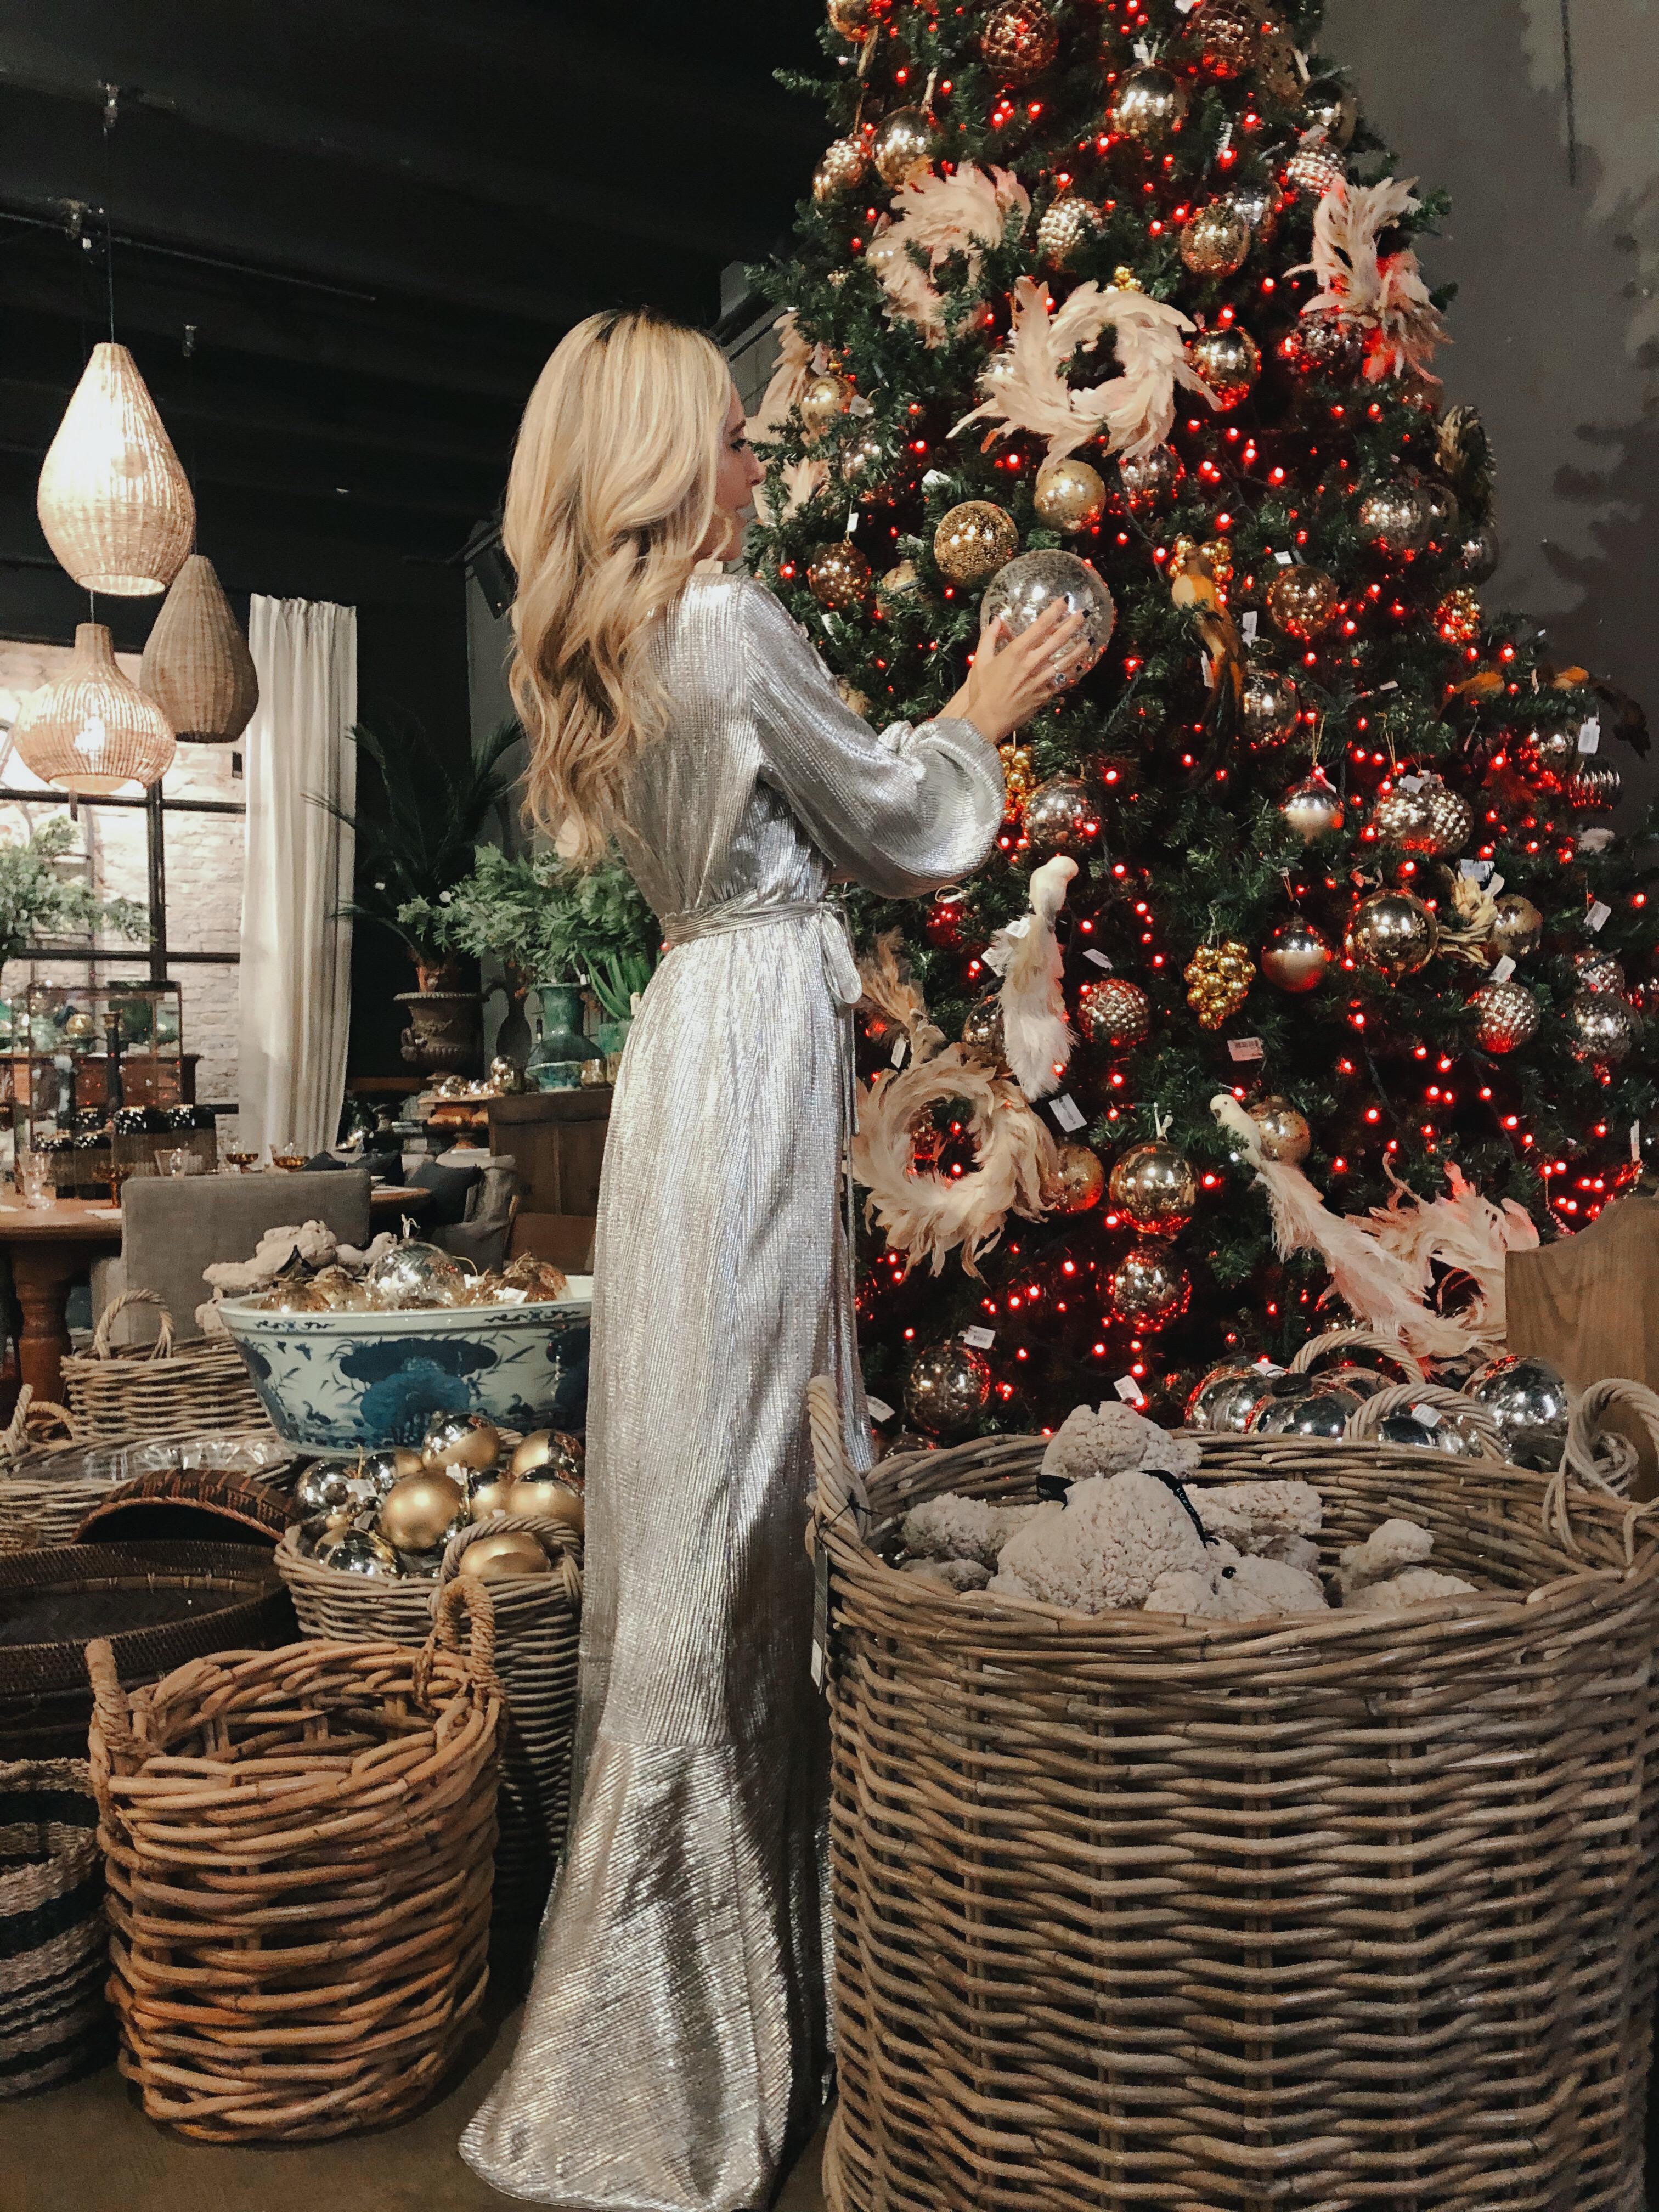 invitada-perfecta-en-bodas-2019-2020-tendencias-moda-influencers